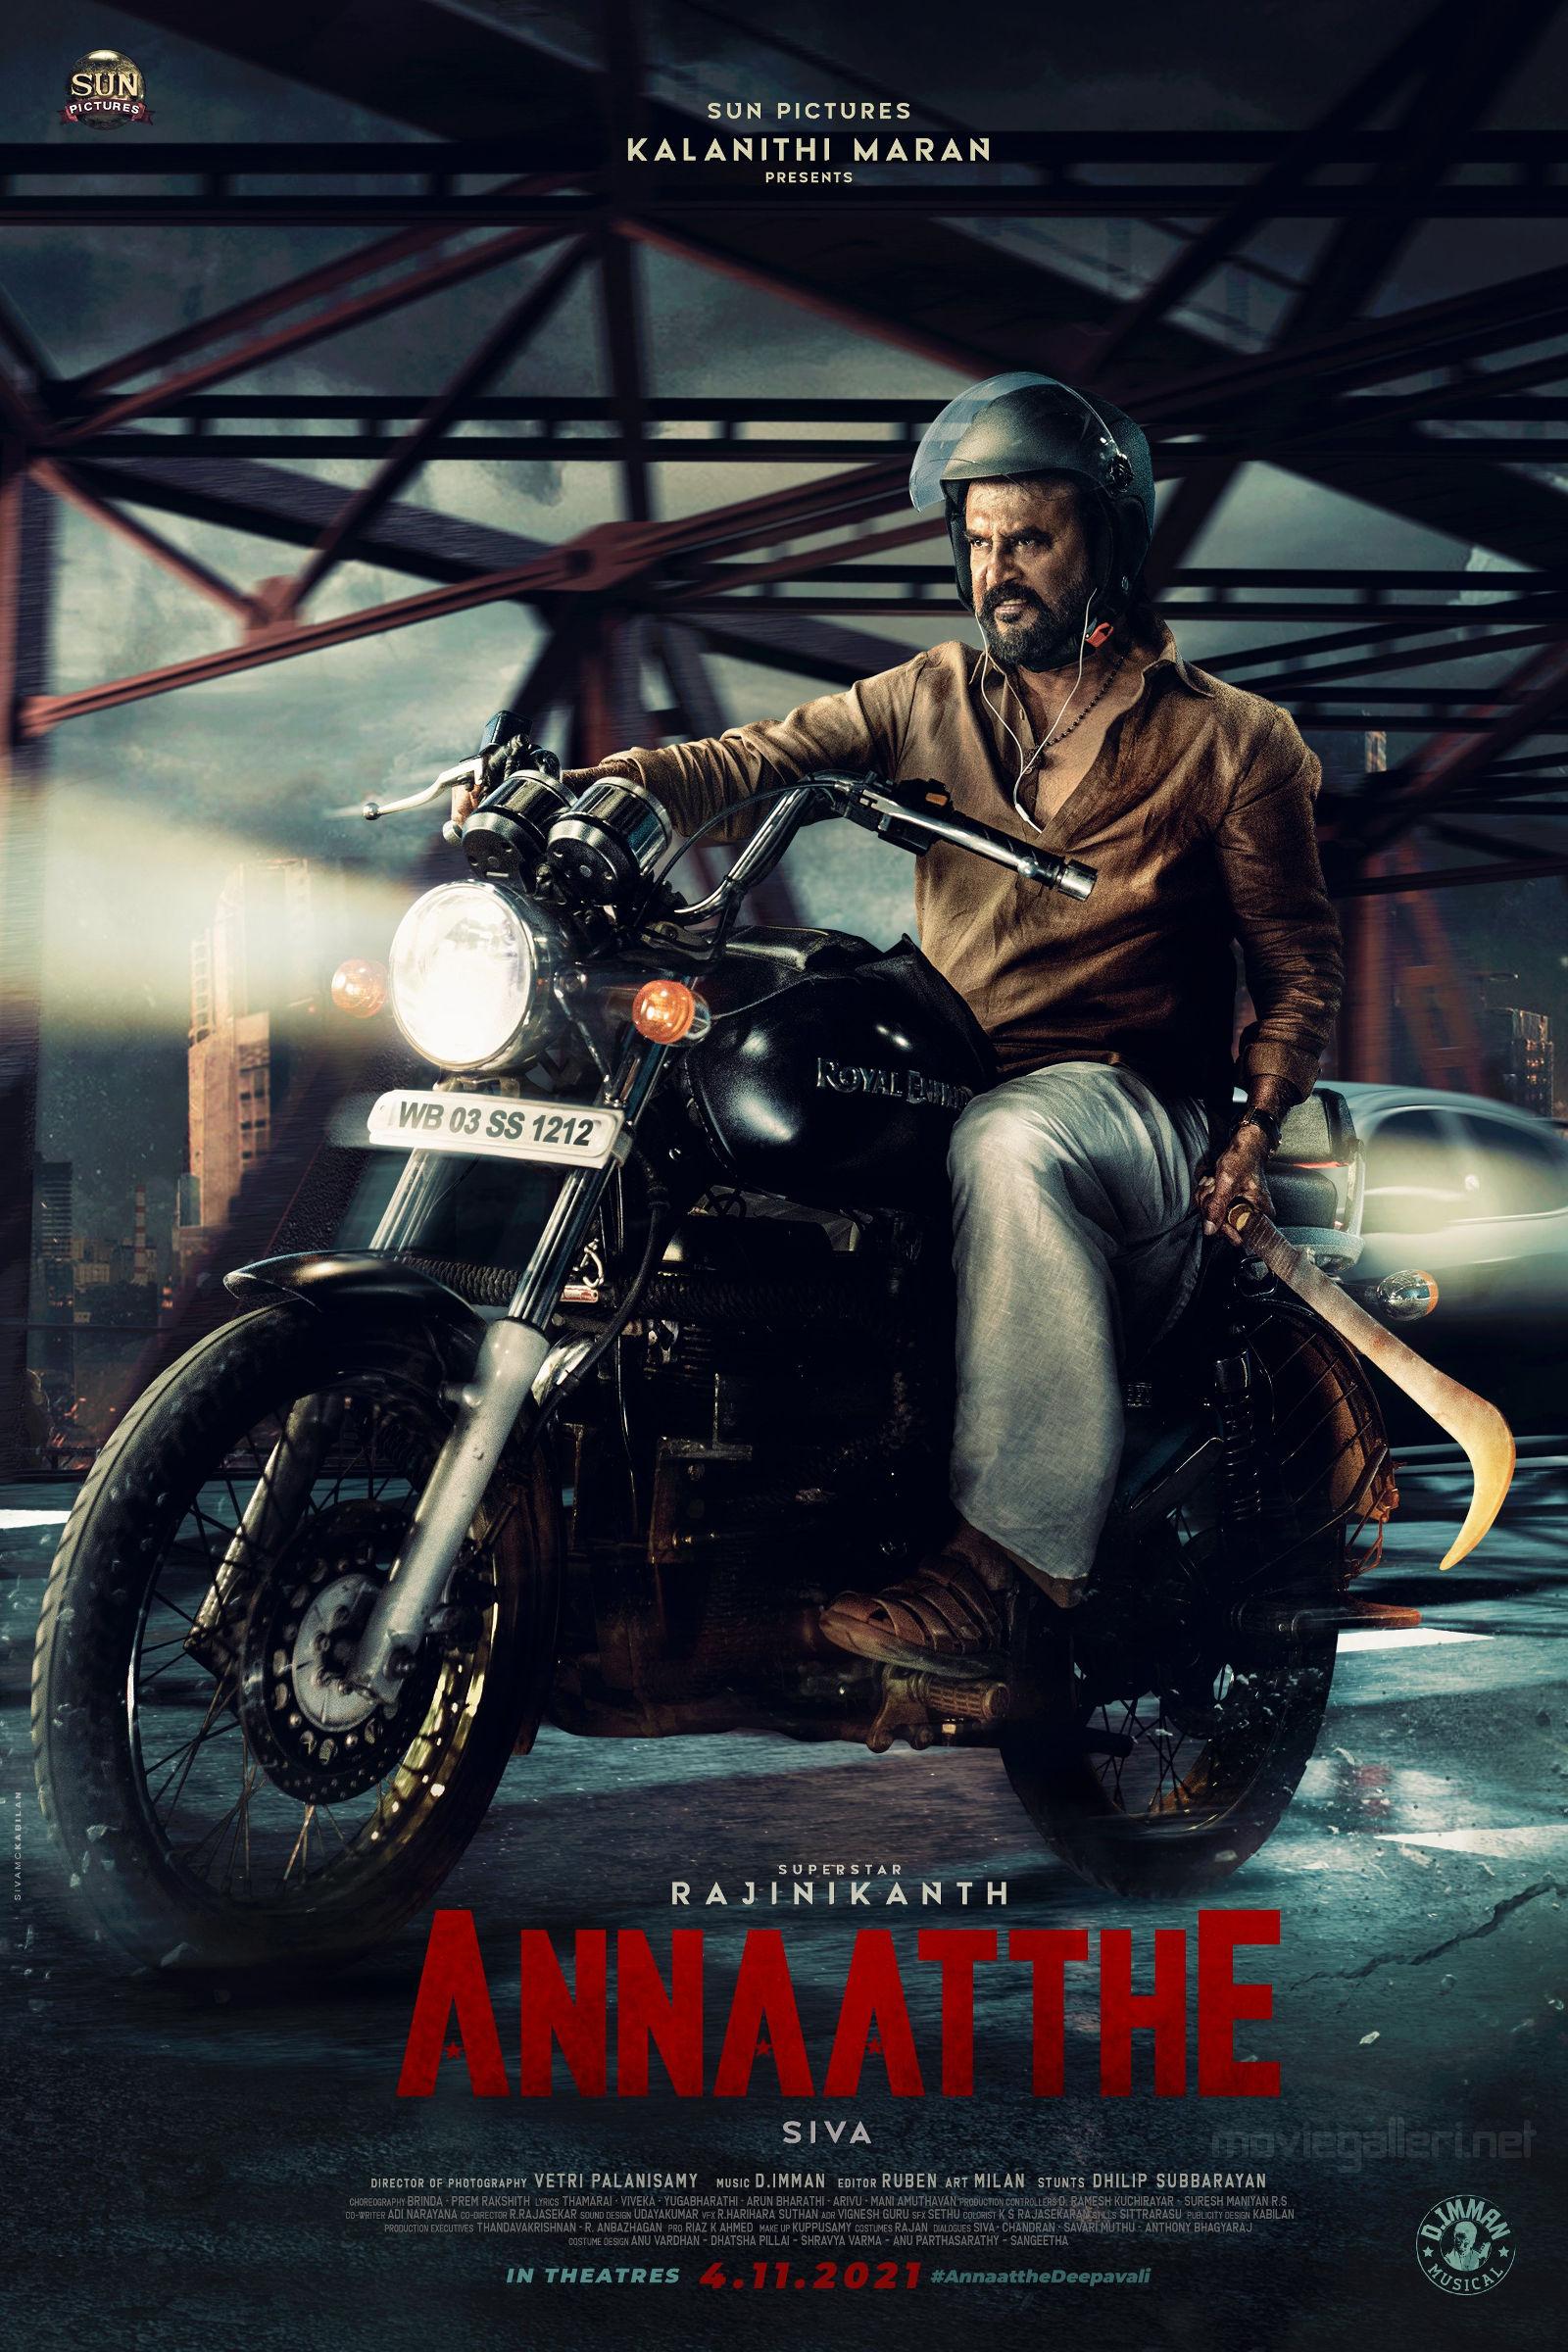 Rajinikanth Annaatthe Movie Second Look HD Poster